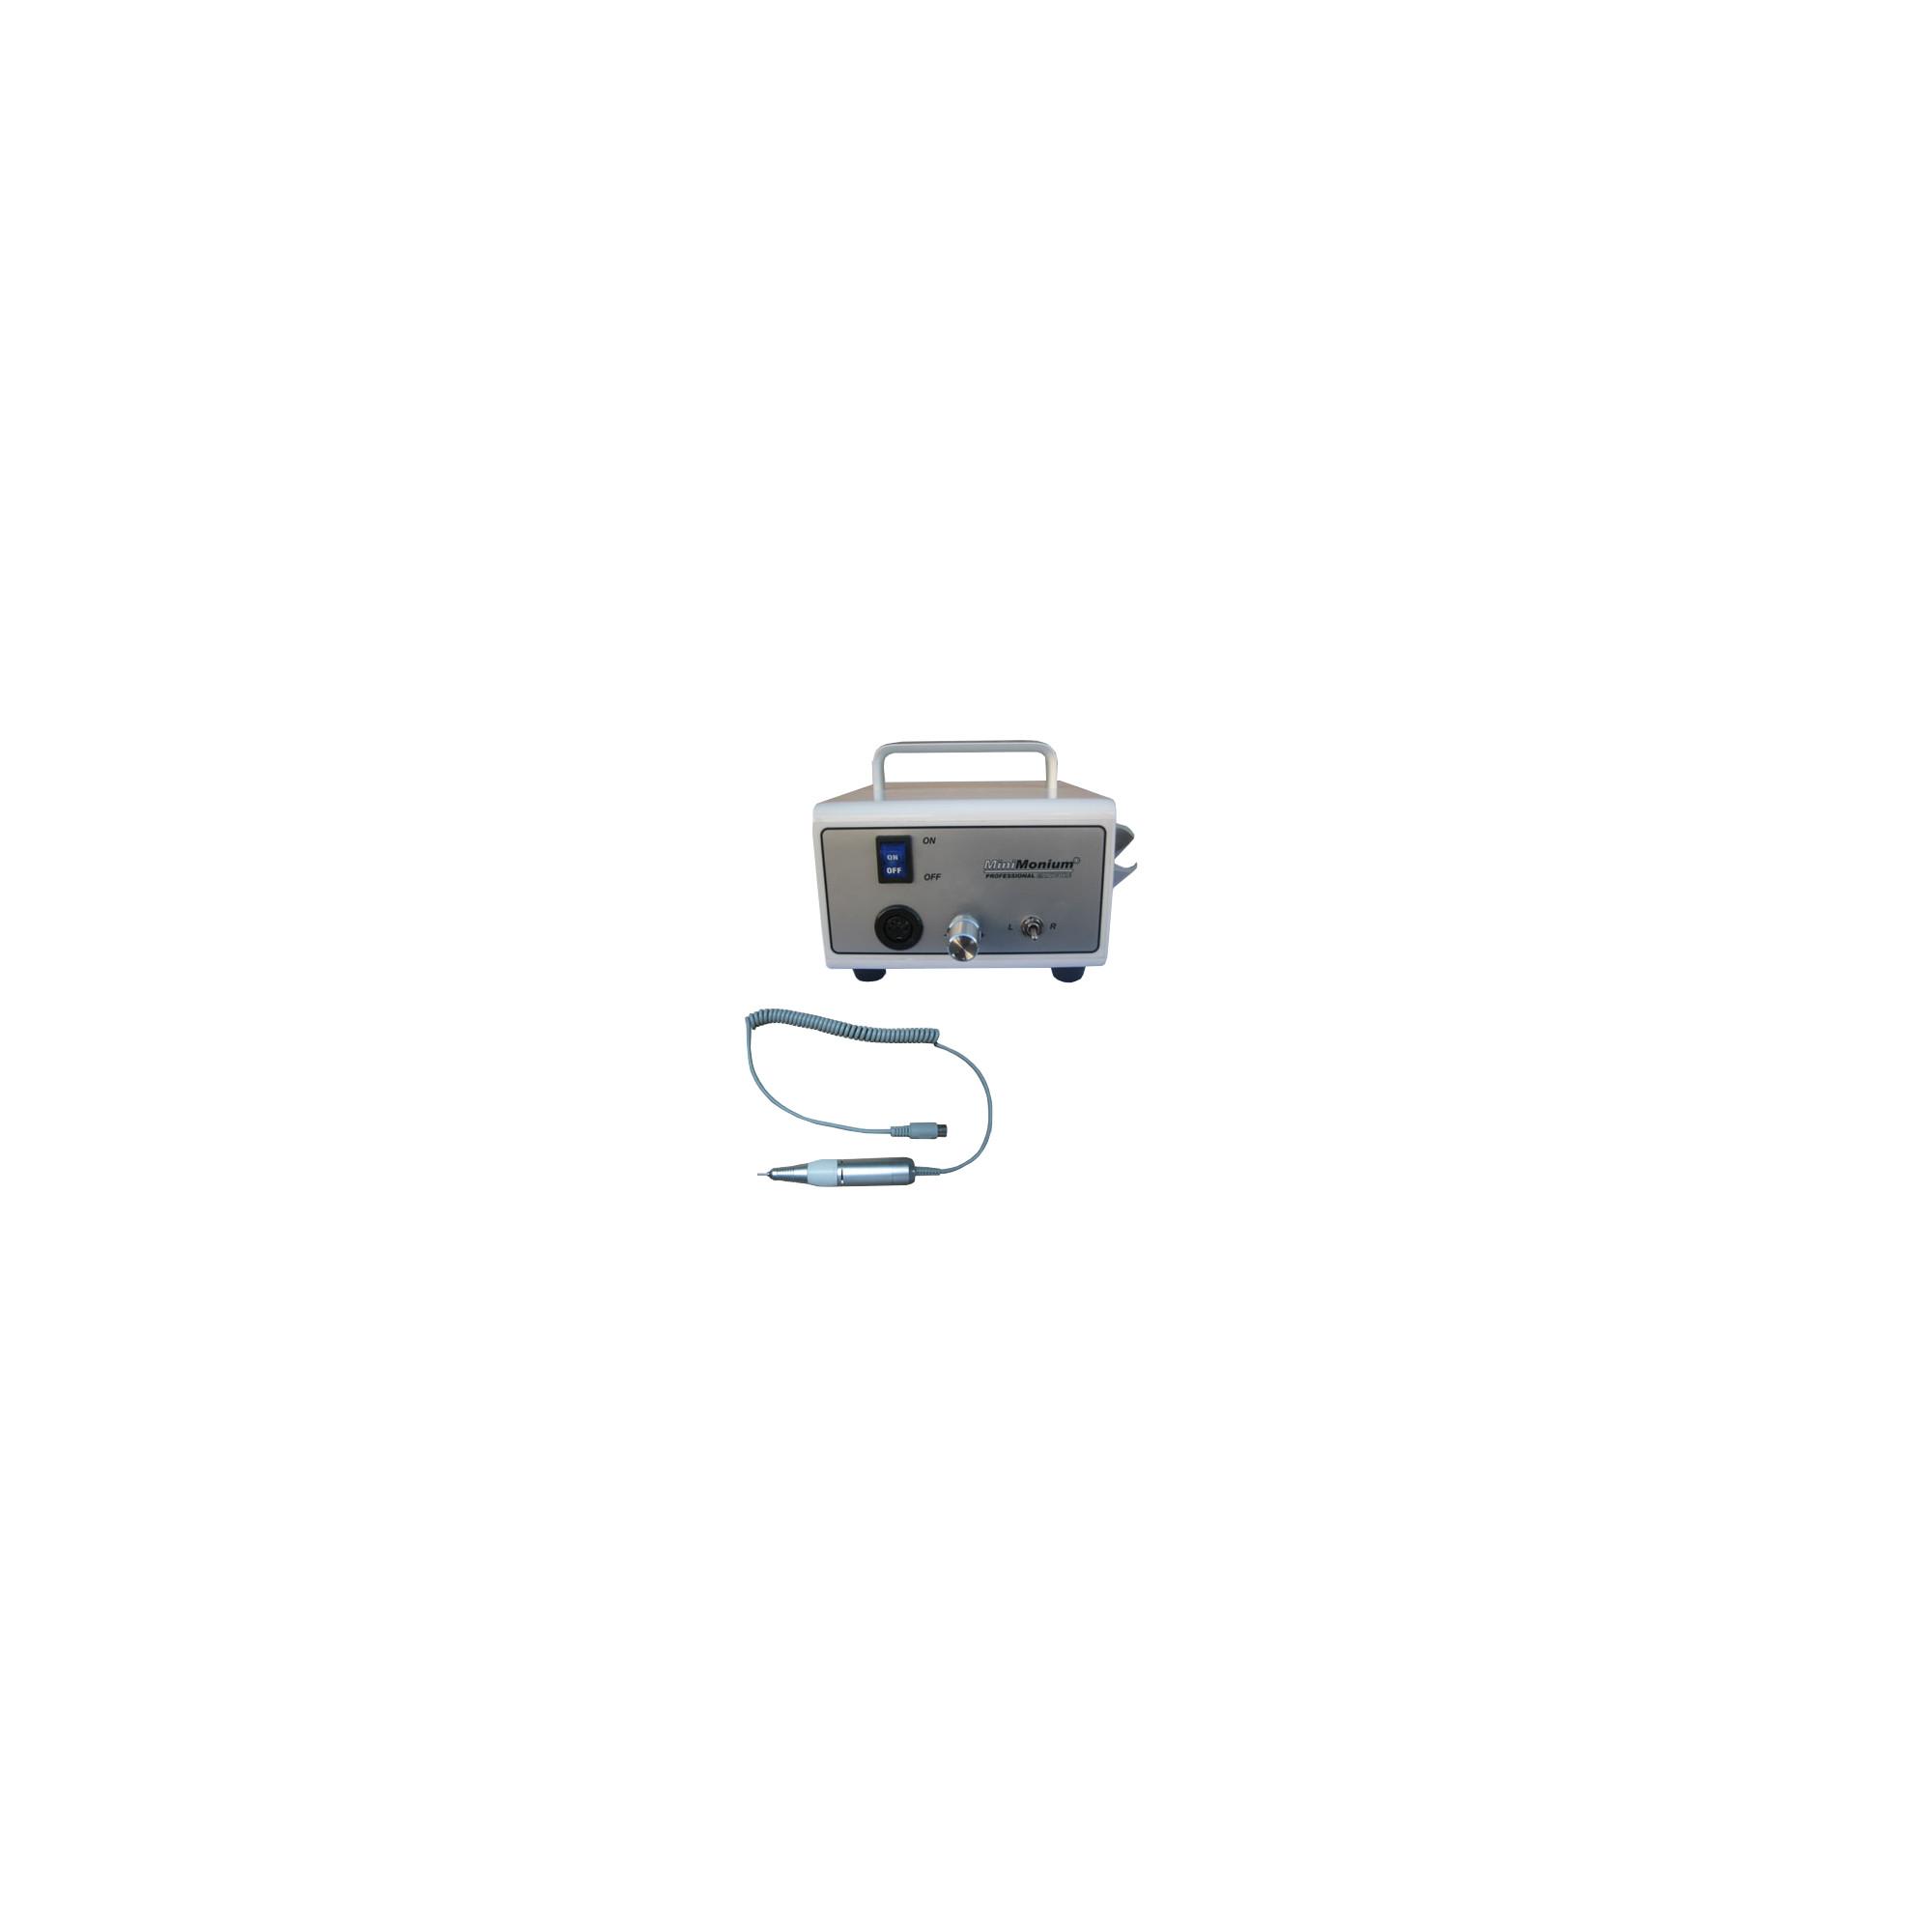 Micromoteur Podomonium Minimonium